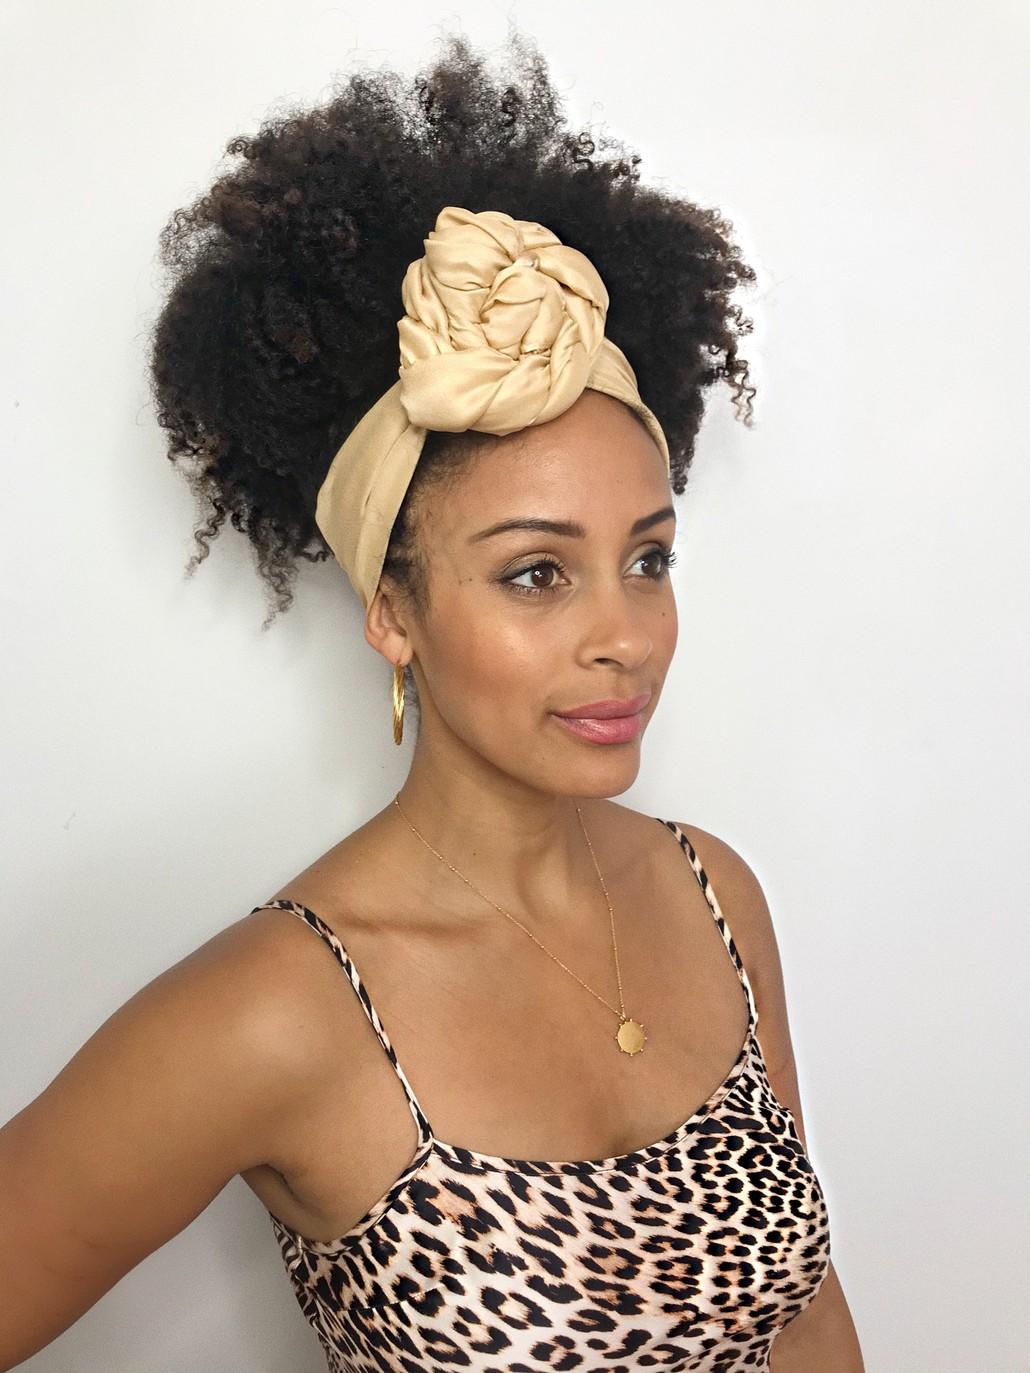 Satin Headscarves